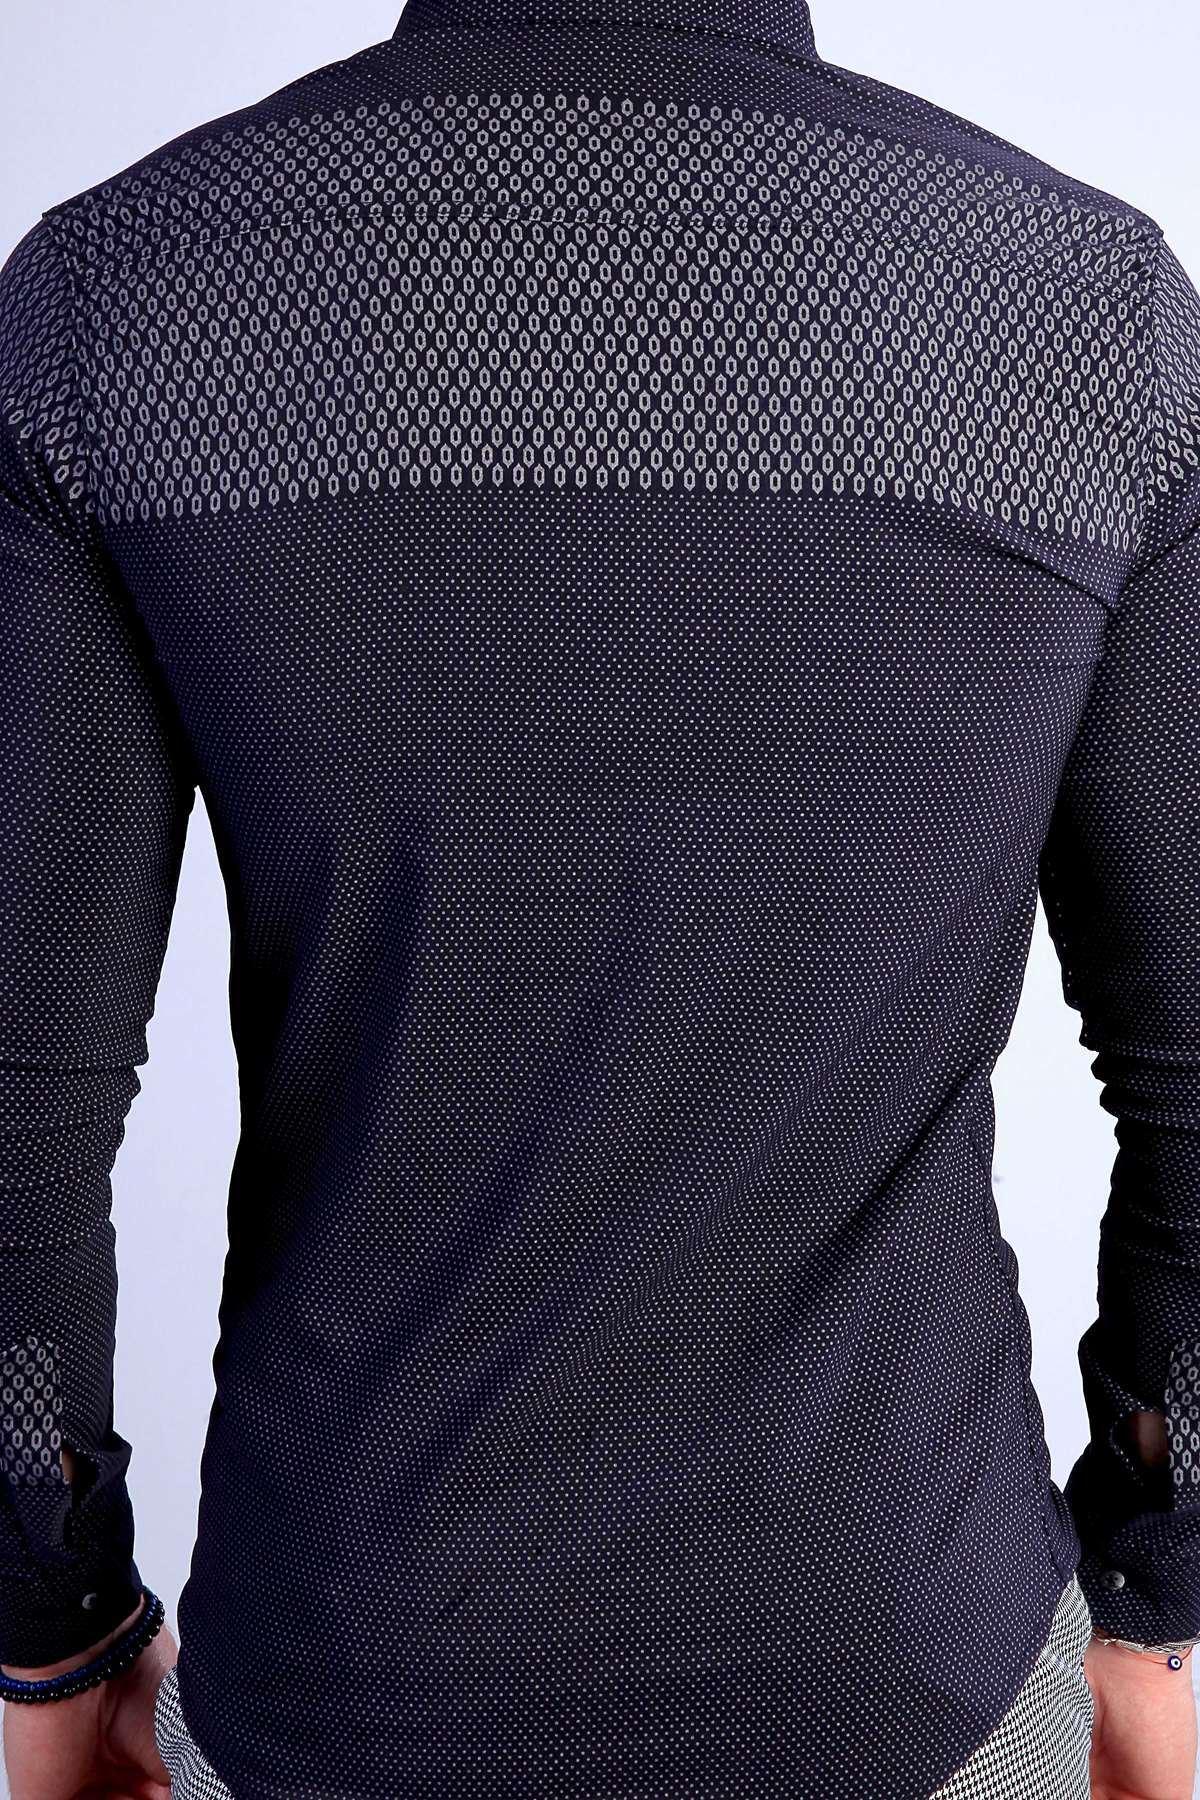 Pano Baskılı Noktalı Slim Fit Gömlek Lacivert